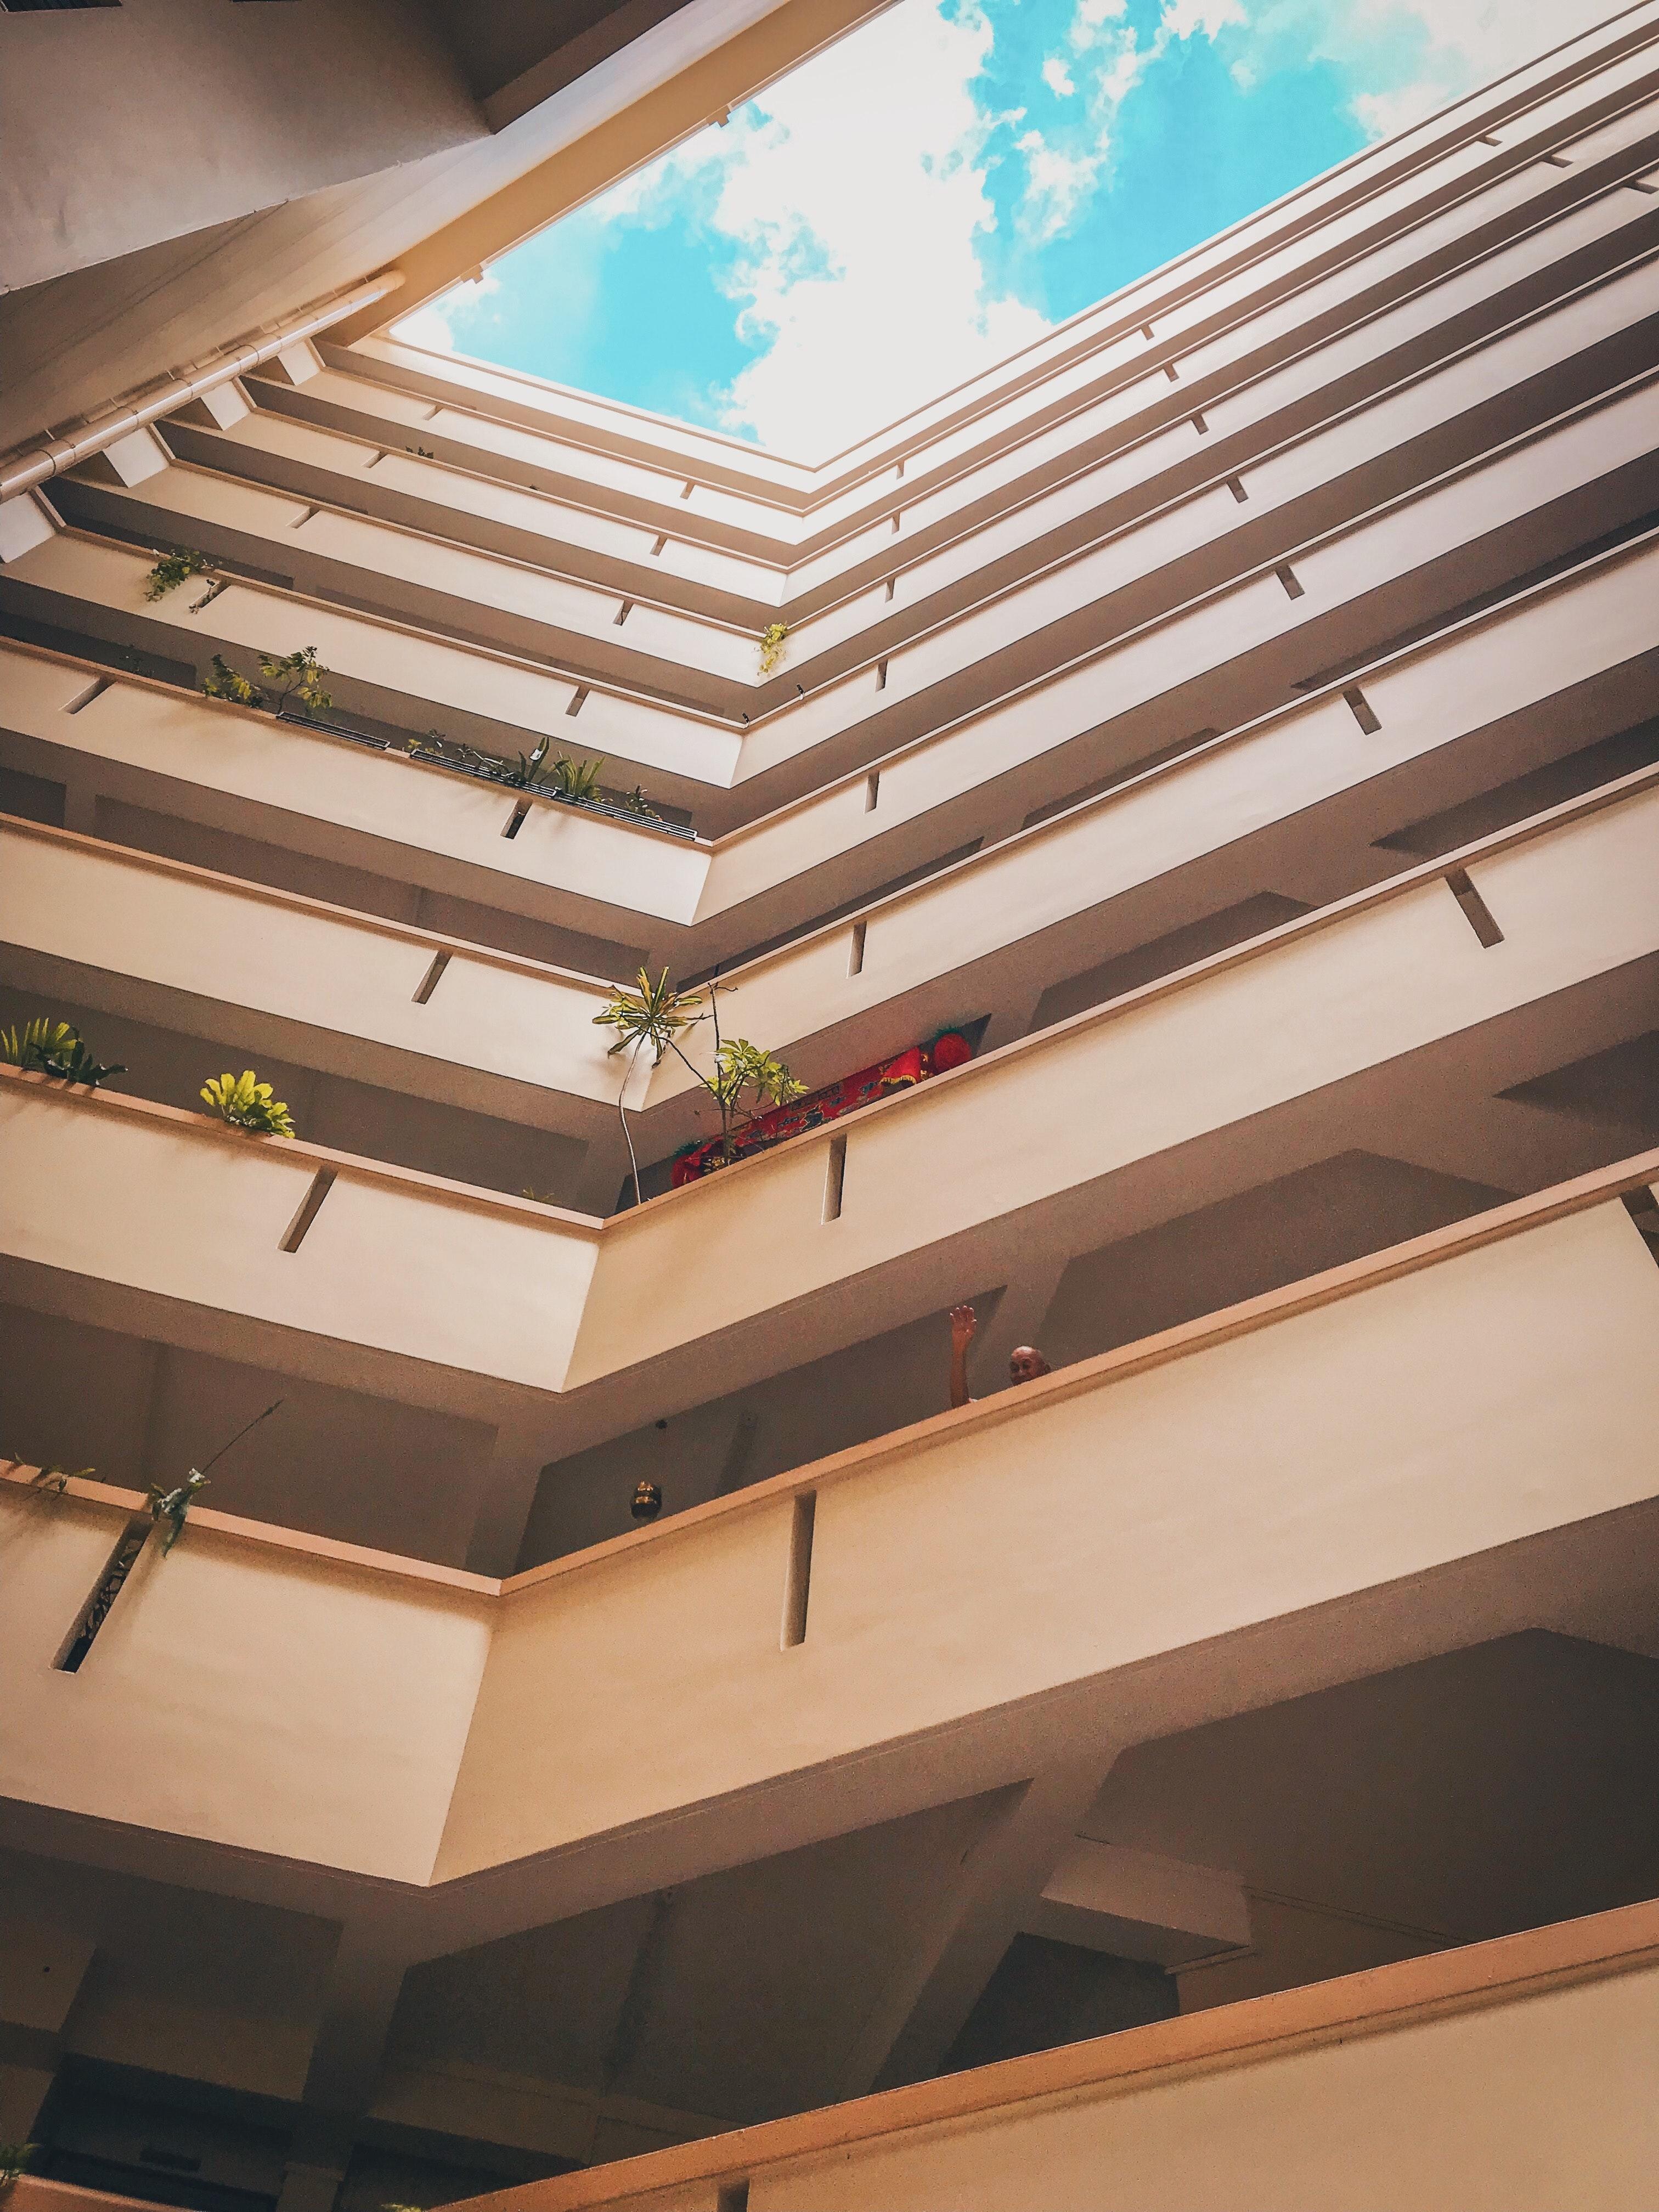 Costruire Tetto In Cemento immagini belle : architettura, illuminazione diurna, giorno